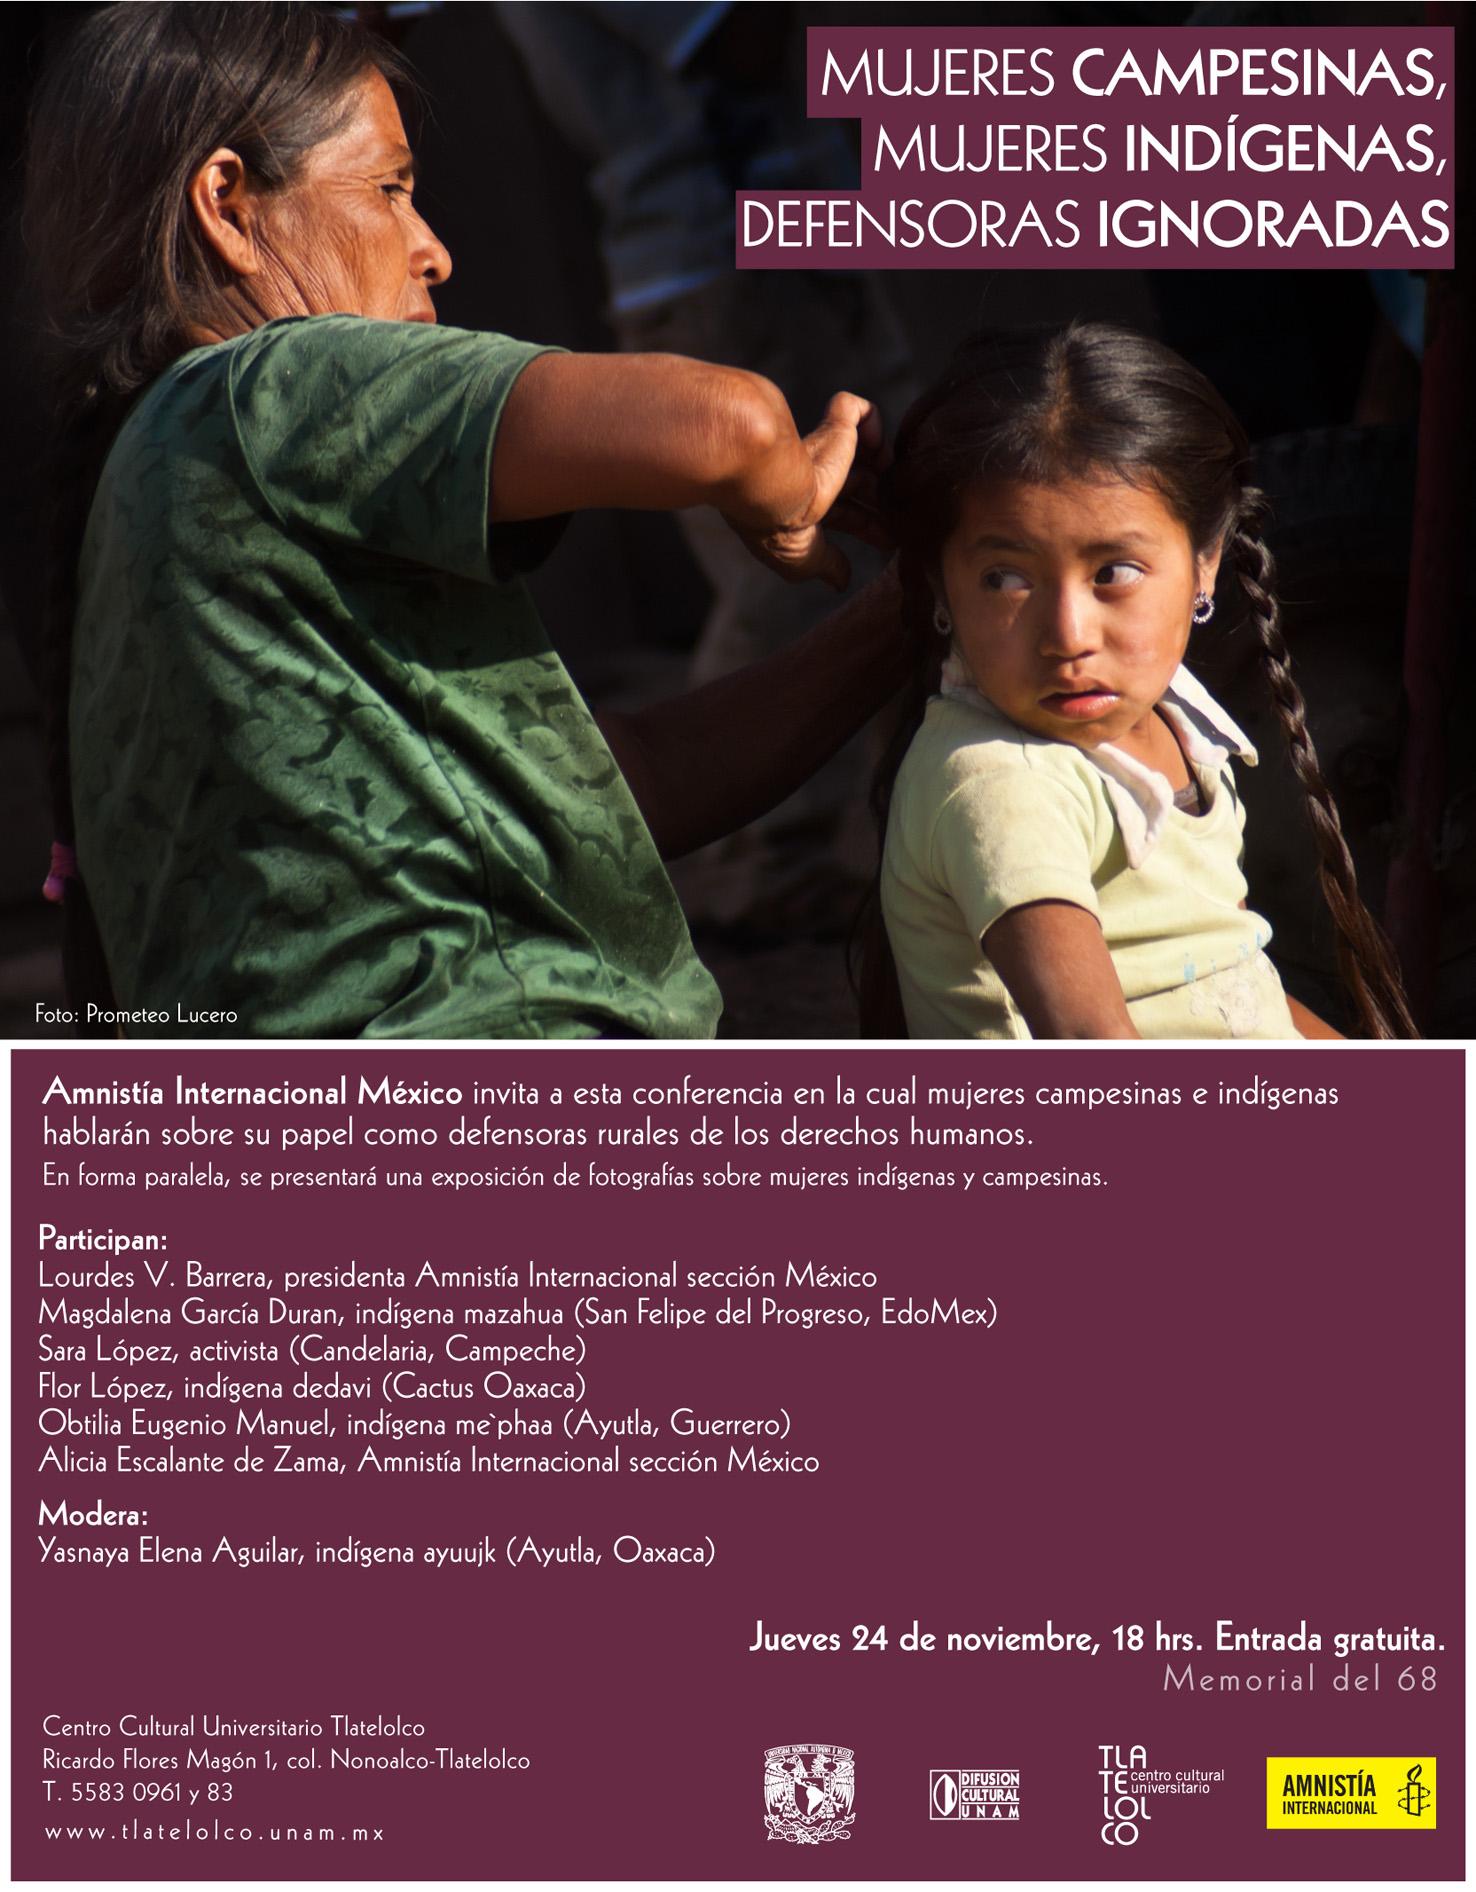 Mujeres campesinas, mujeres indígenas, defensoras ignoradas